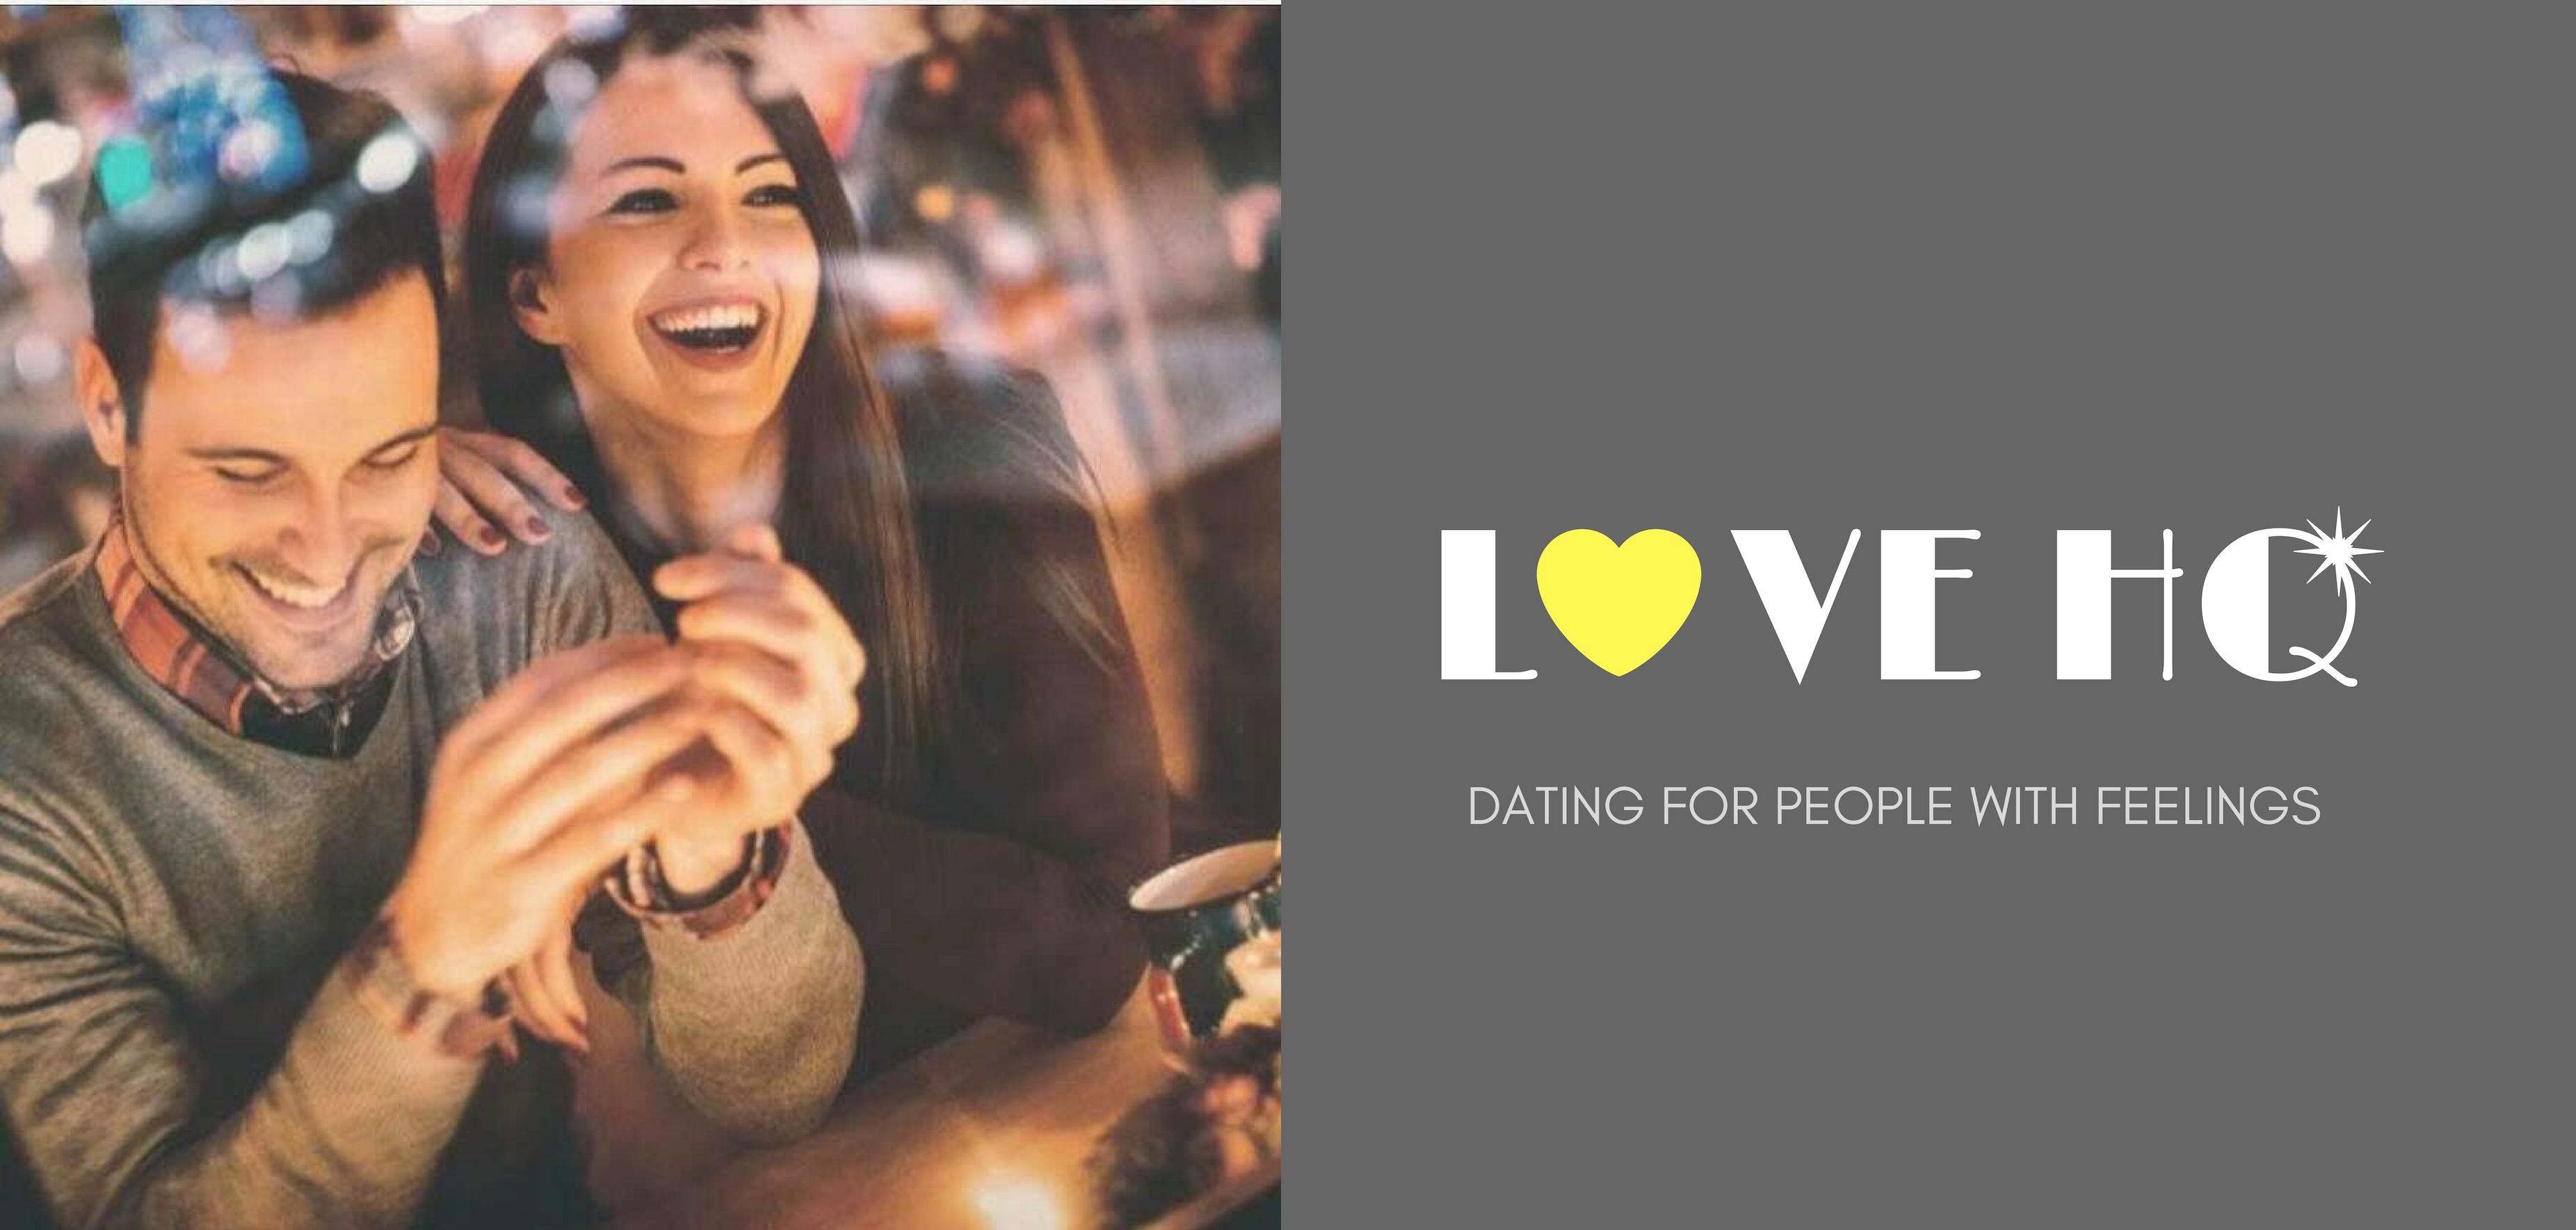 String entlang der Datierung